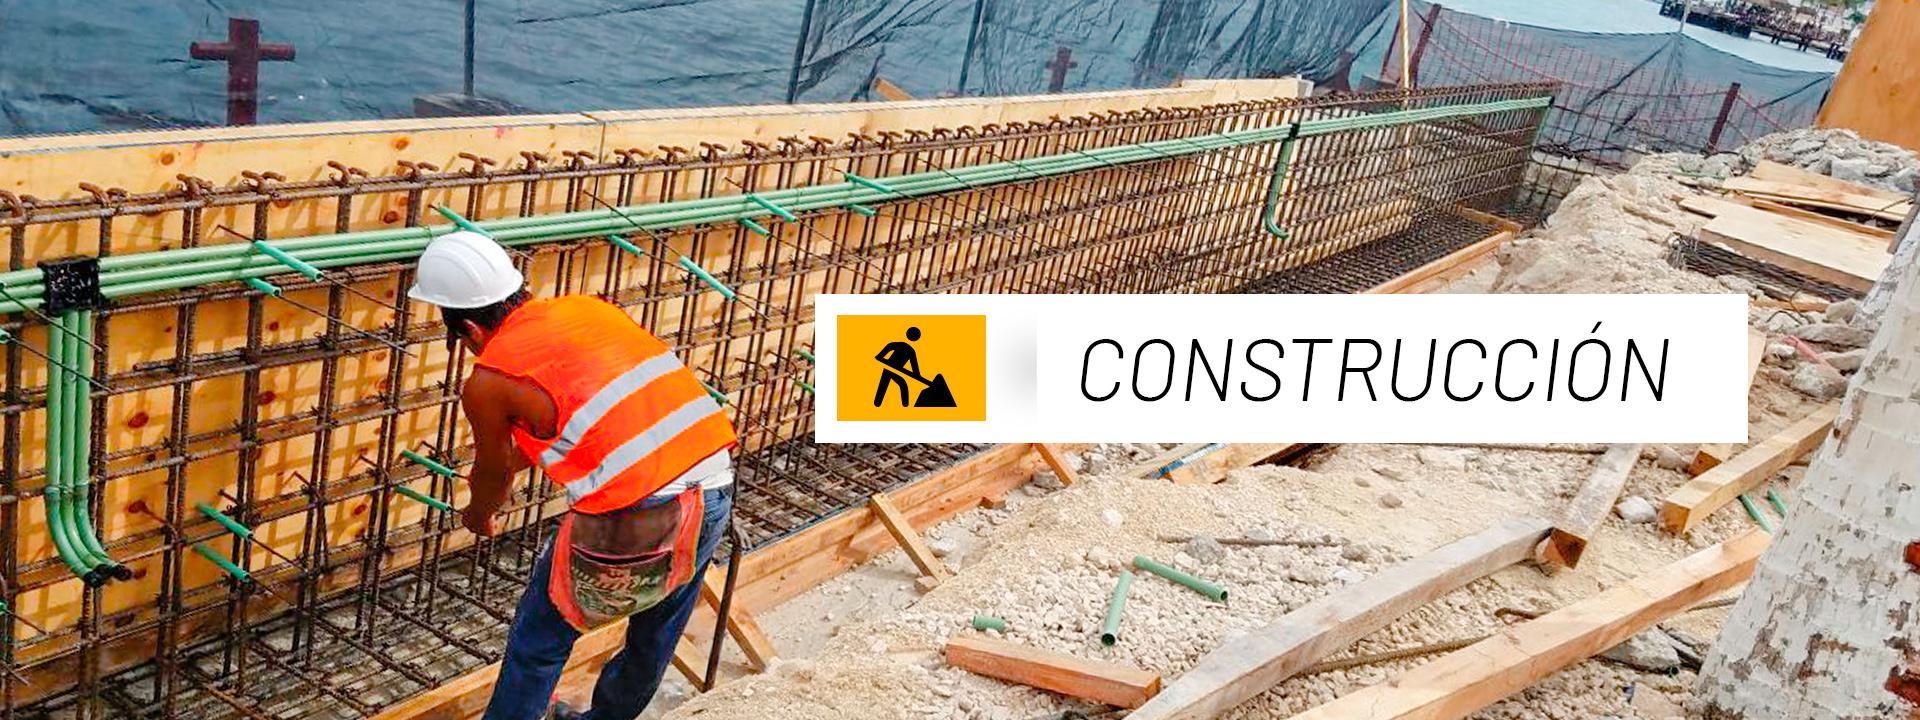 portada de construcción hombre construyendo a la orilla del mar